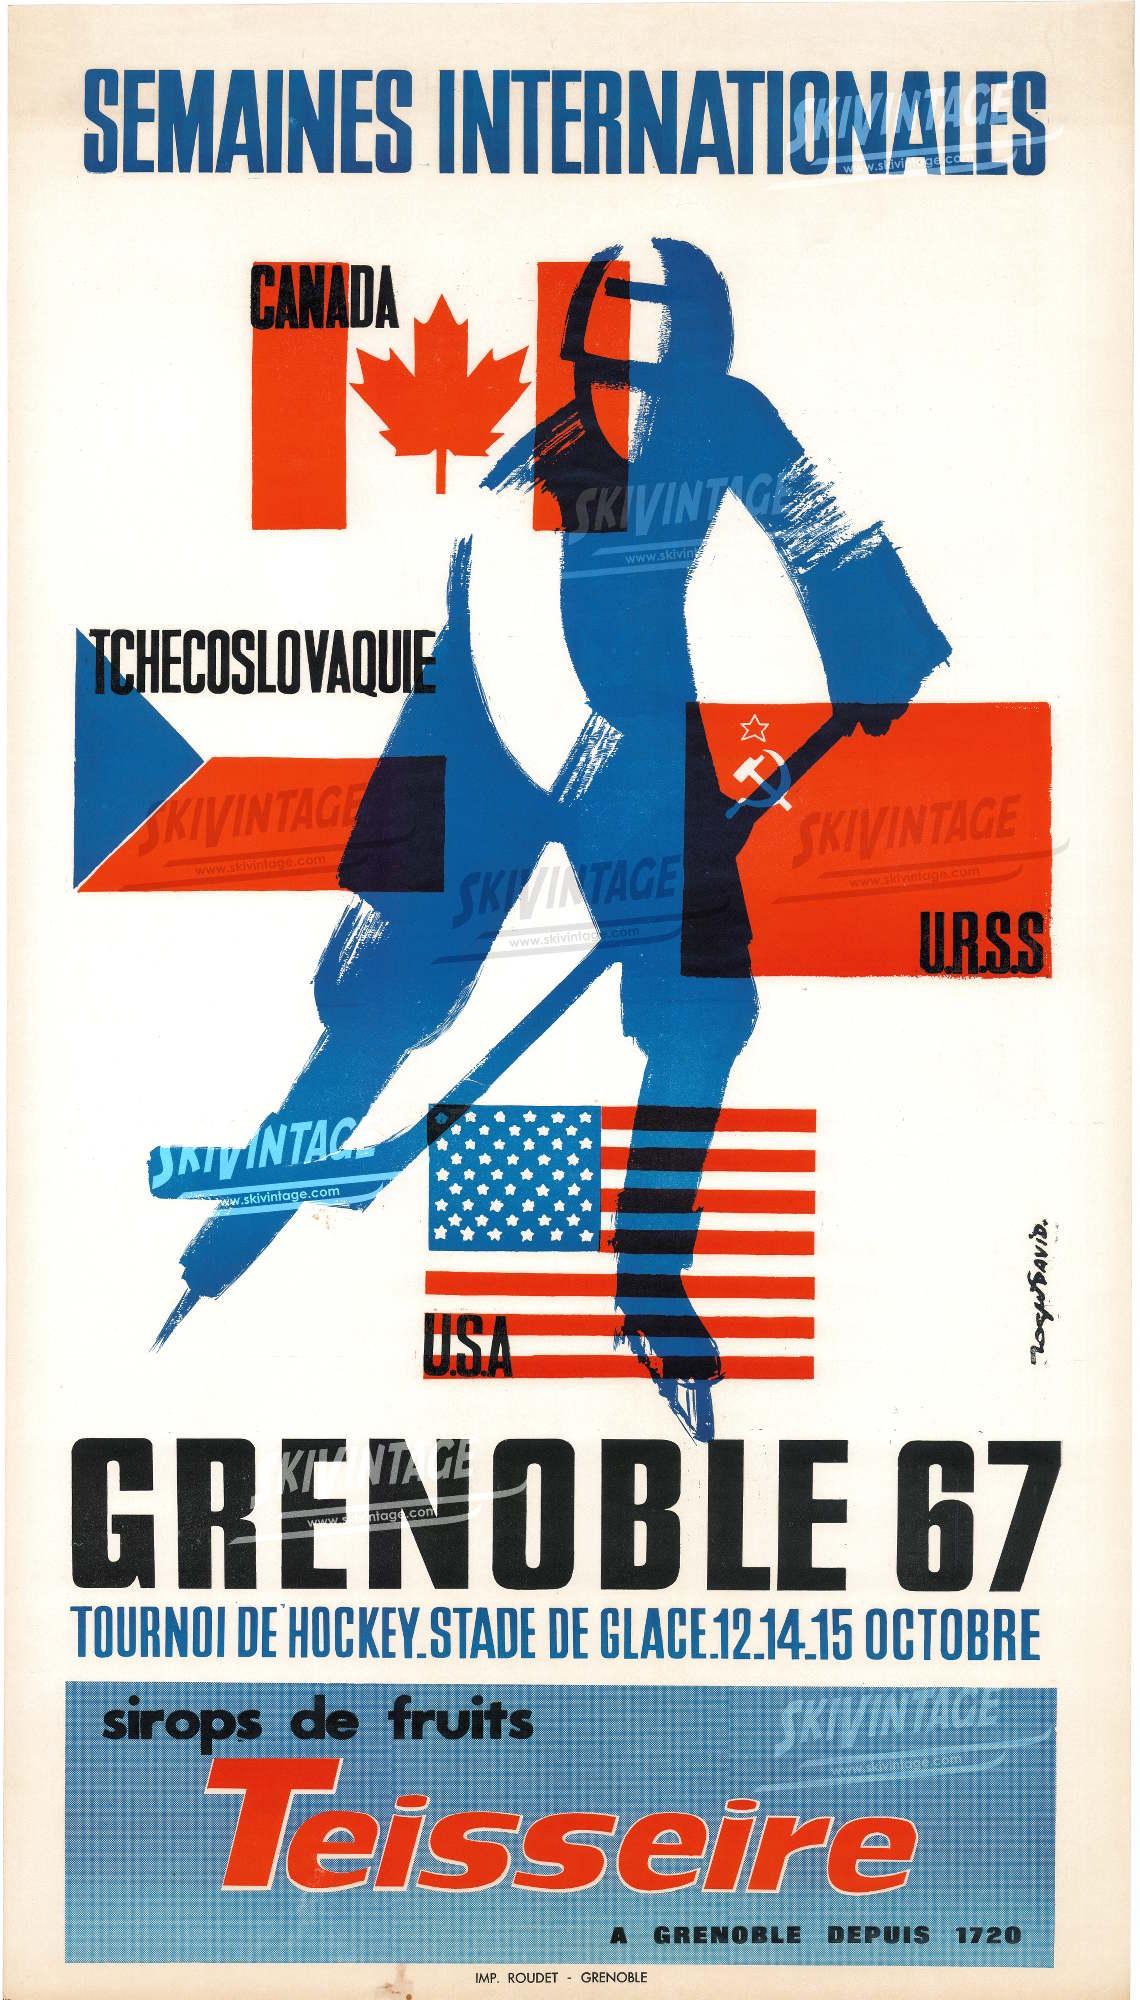 GRENOBLE-67-SEMAINES-INTERNATIONALES-AFFICHE-HOCKEY-ROGER-DAVID-z.jpg